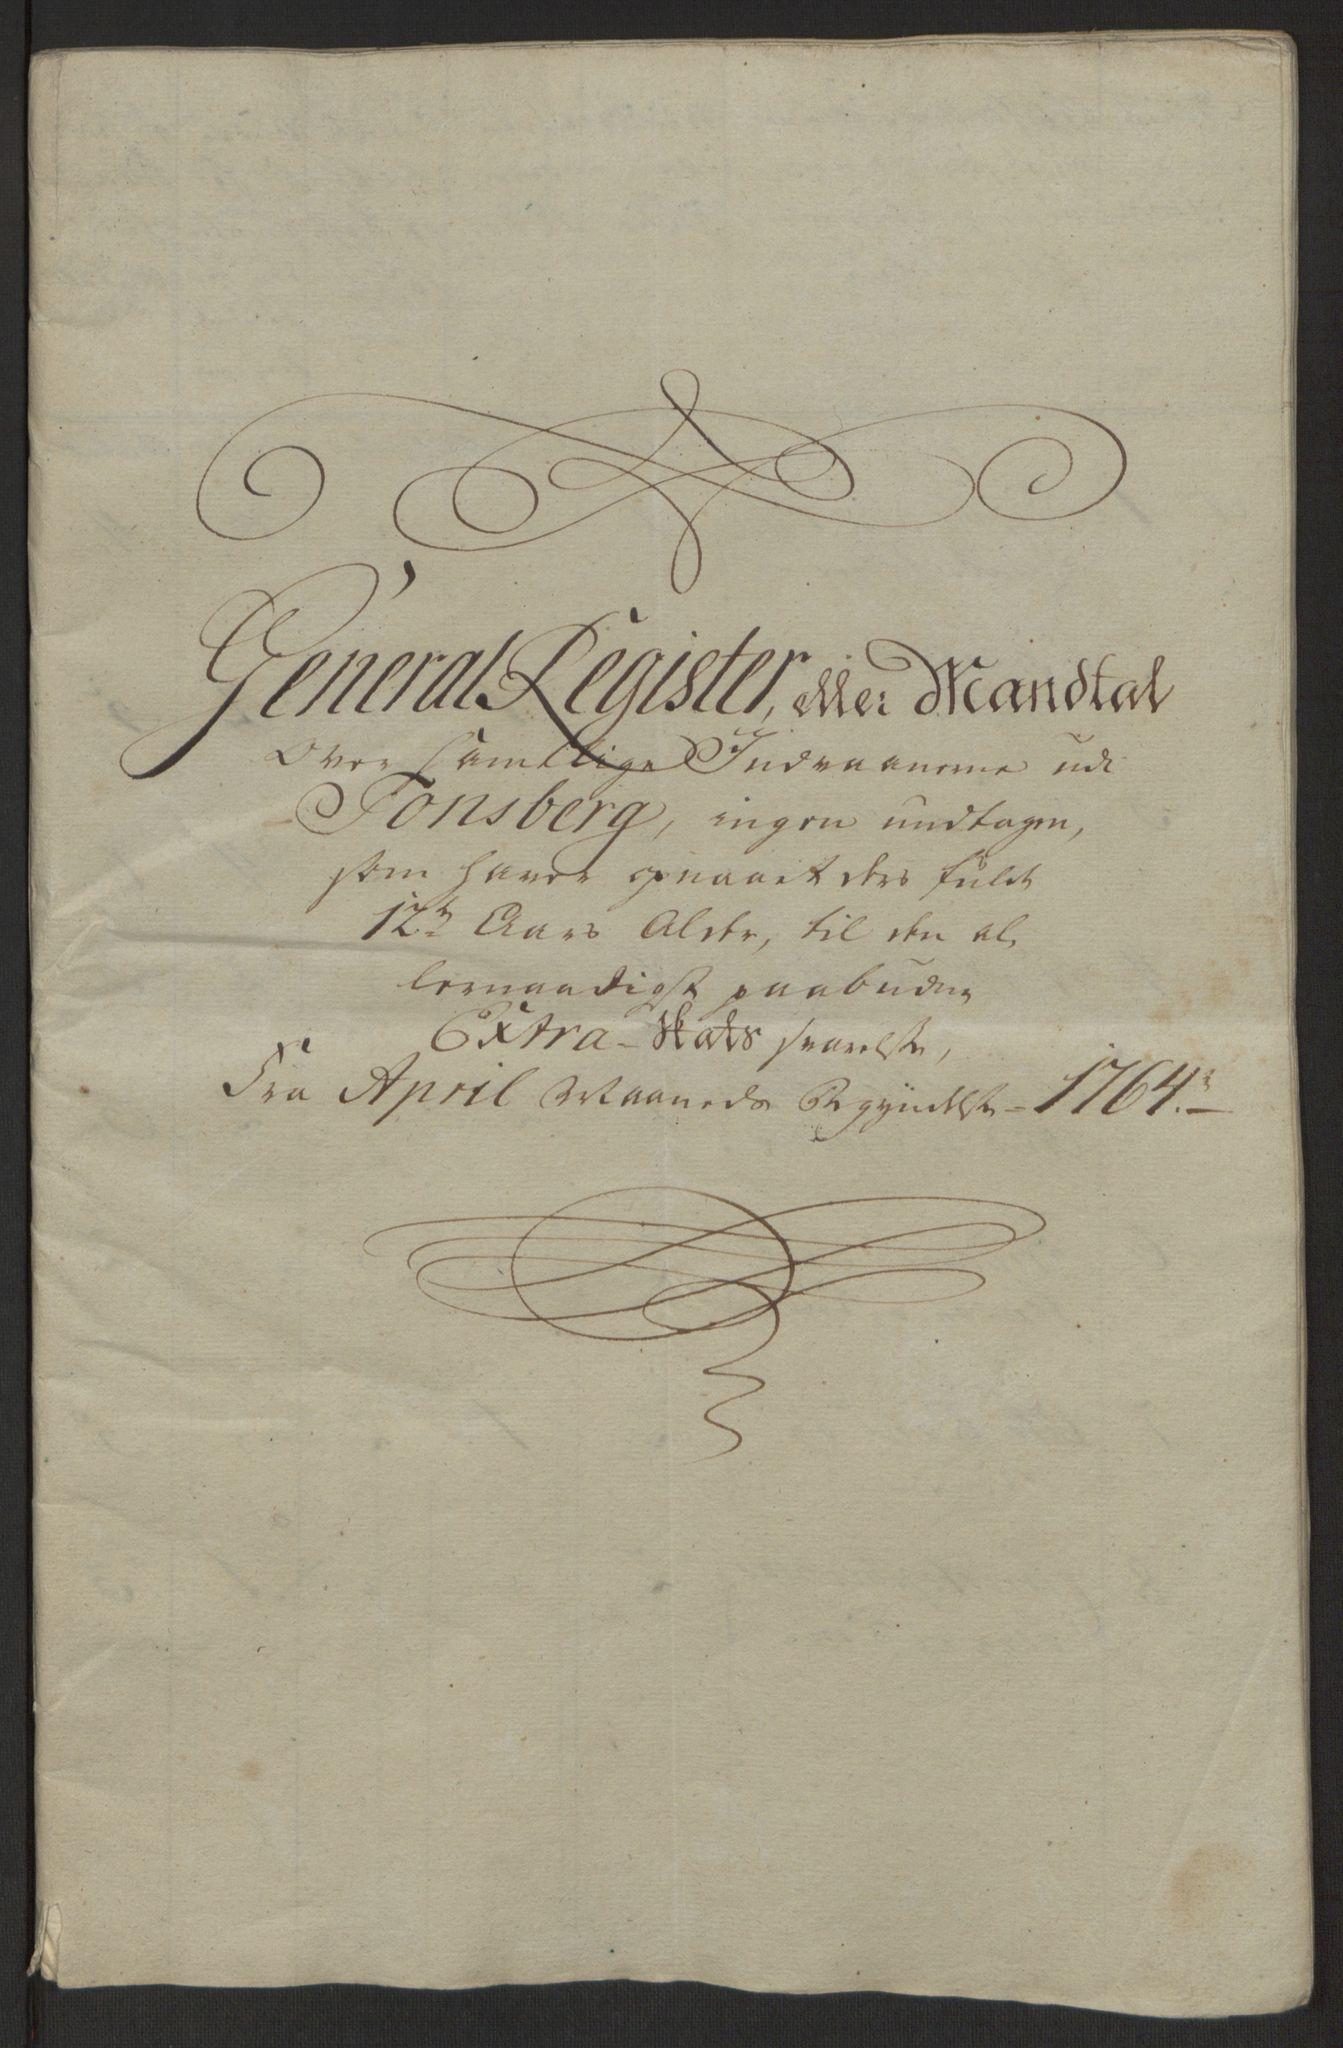 RA, Rentekammeret inntil 1814, Reviderte regnskaper, Byregnskaper, R/Rh/L0162: [H4] Kontribusjonsregnskap, 1762-1772, s. 135